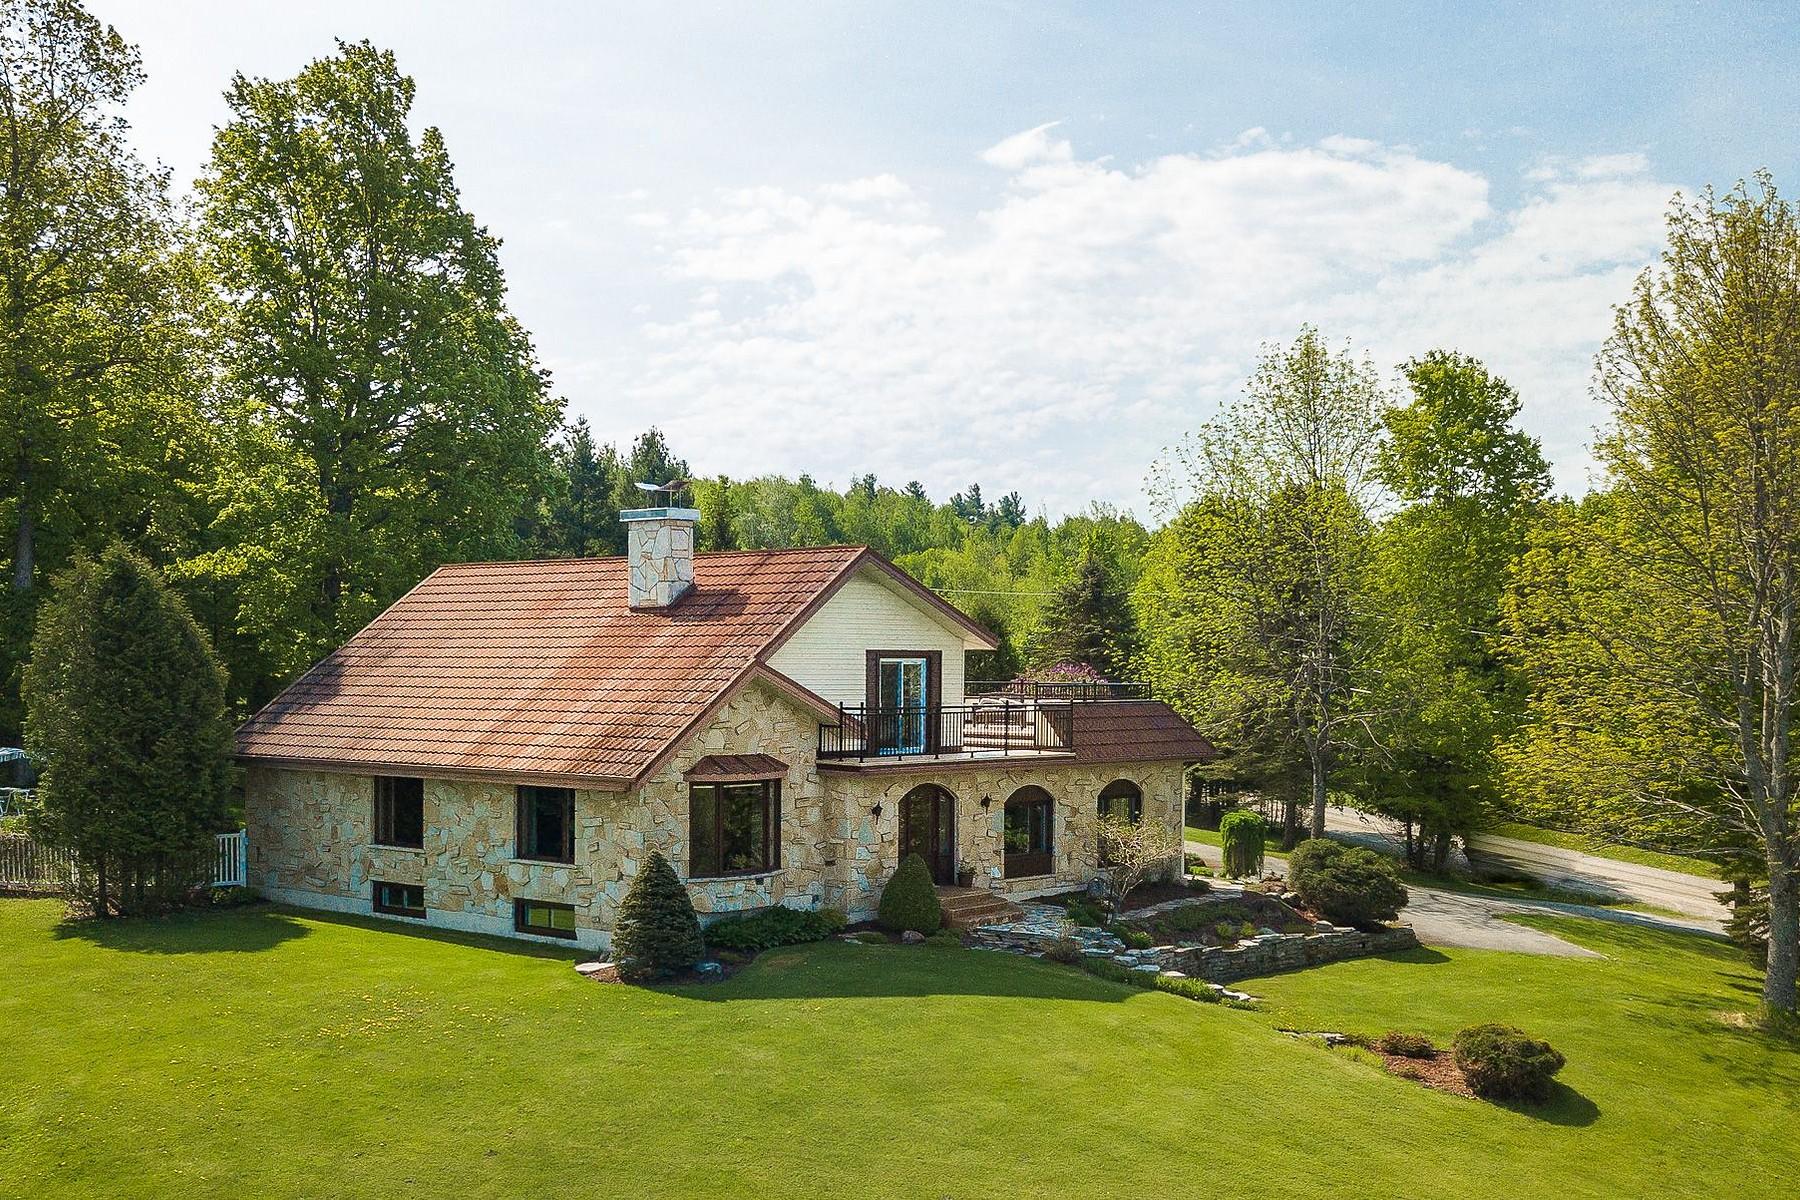 Single Family Homes for Sale at Magog, Estrie 44 Crois. Stanislas Magog, Quebec J1X7V9 Canada